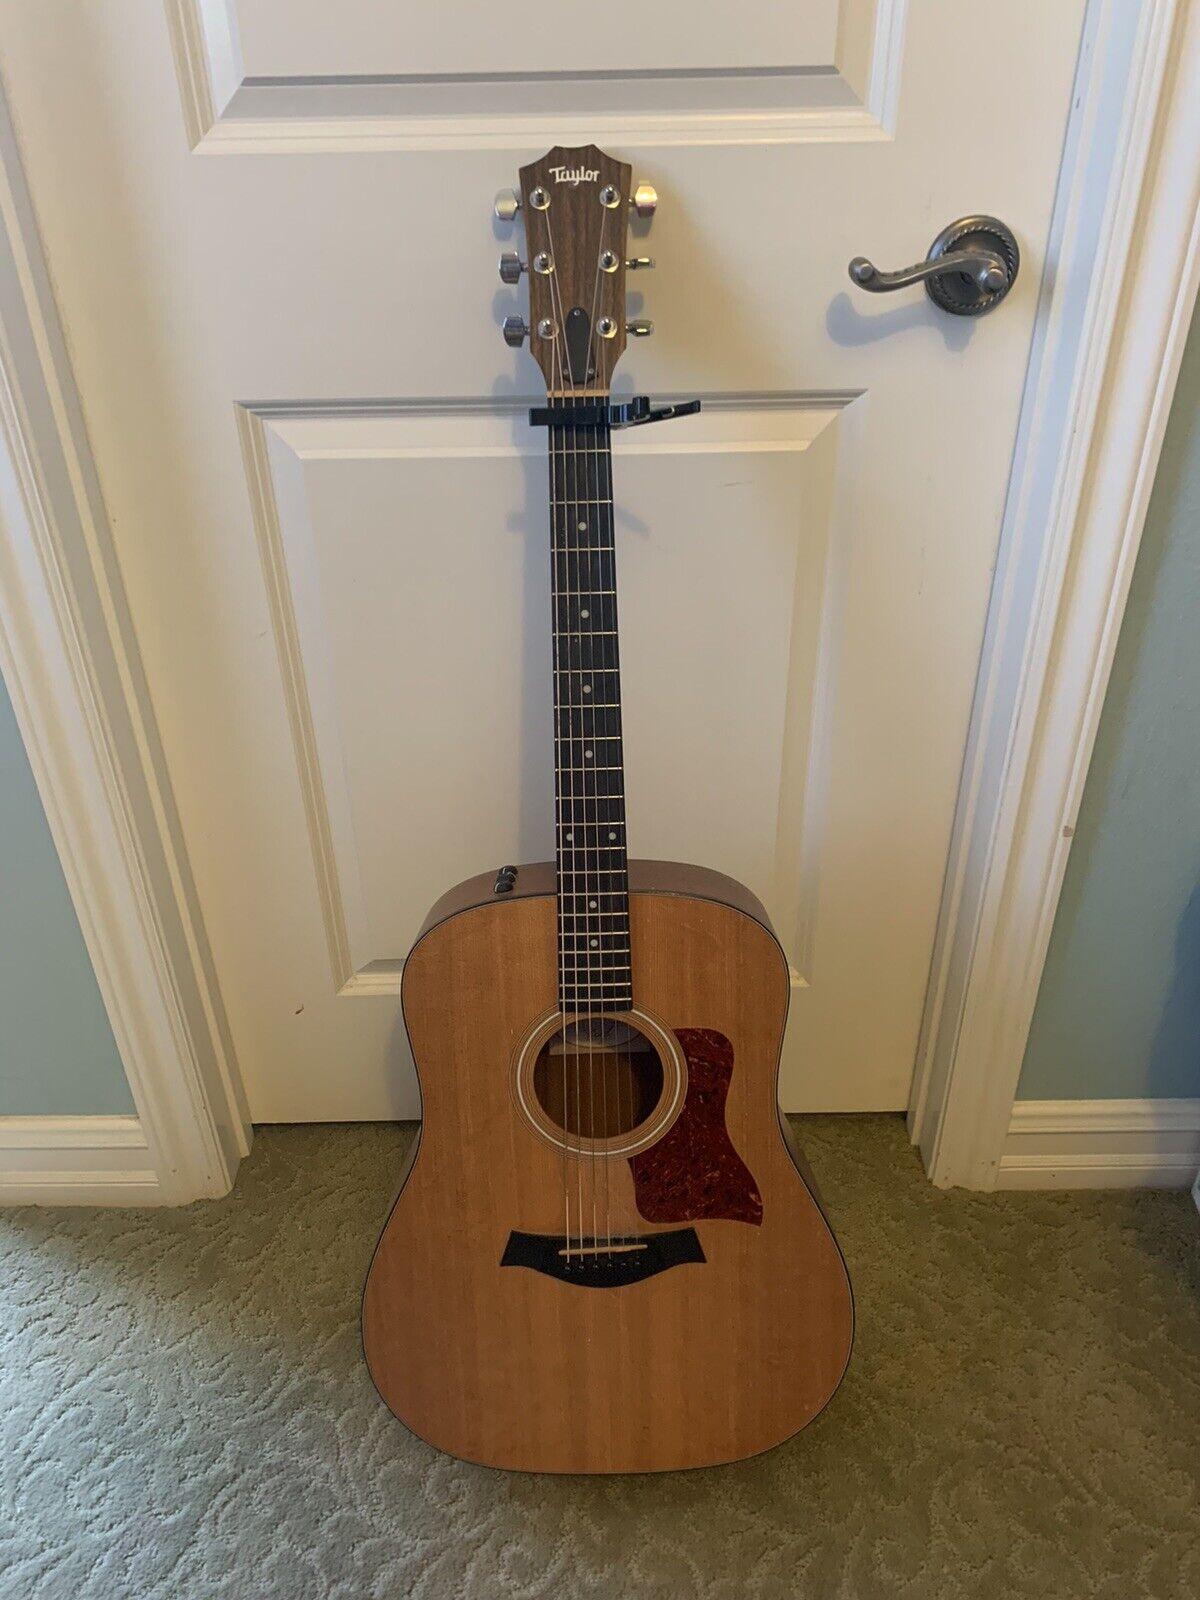 s l1600 - taylor acoustic guitar